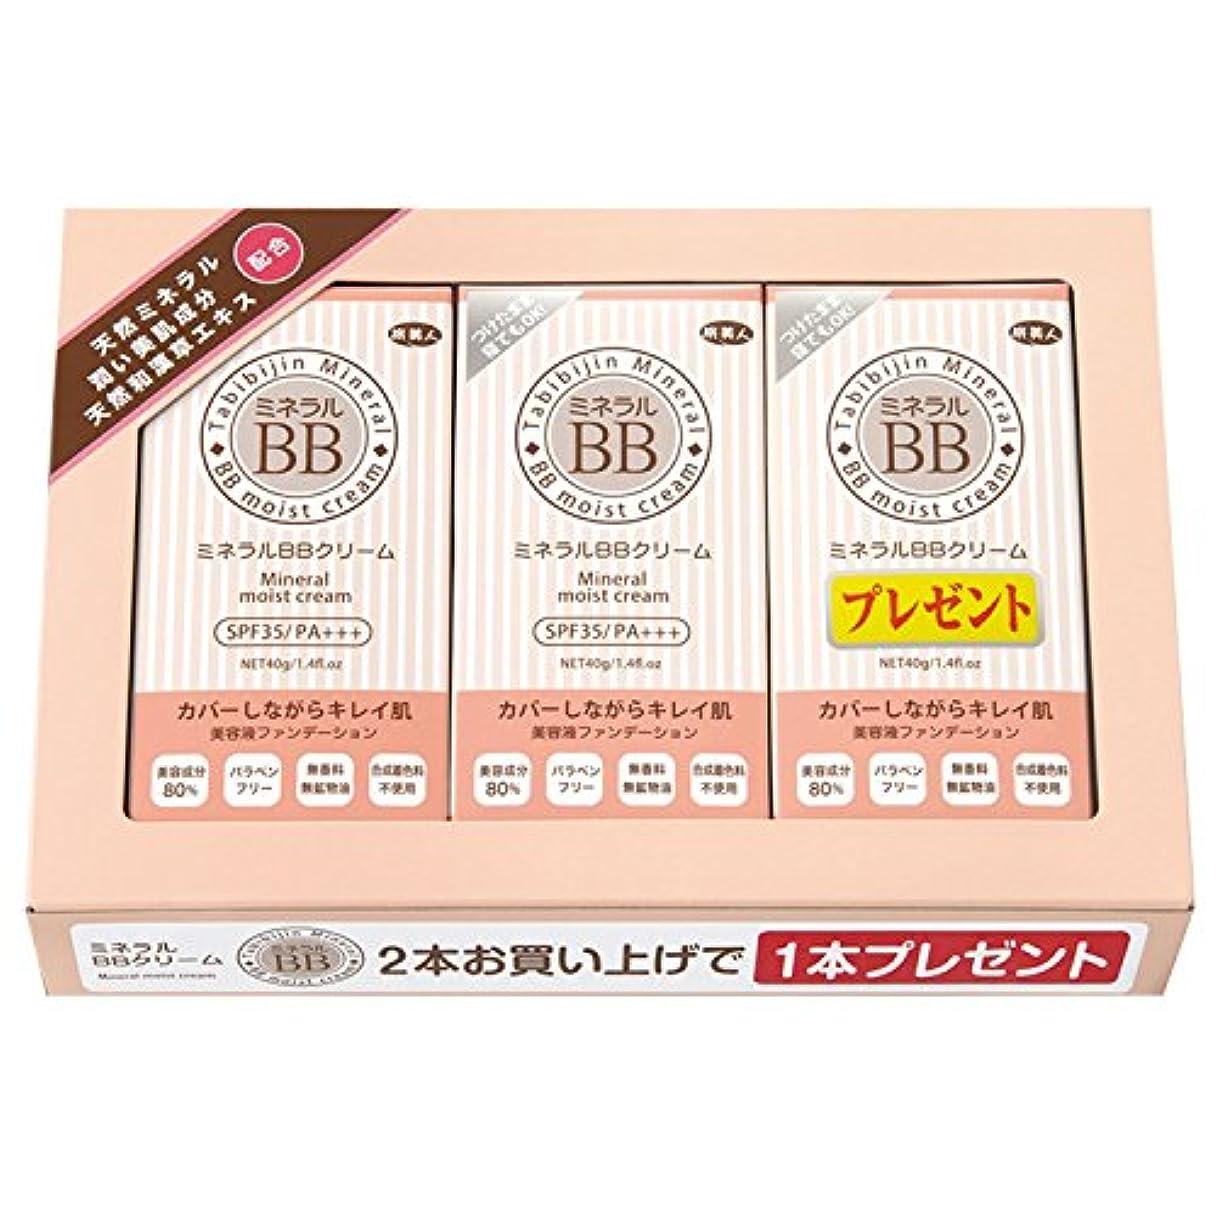 神話ボタンメンテナンスアズマ商事の ミネラルBBクリーム お得な 2本のお値段で3本入りセット